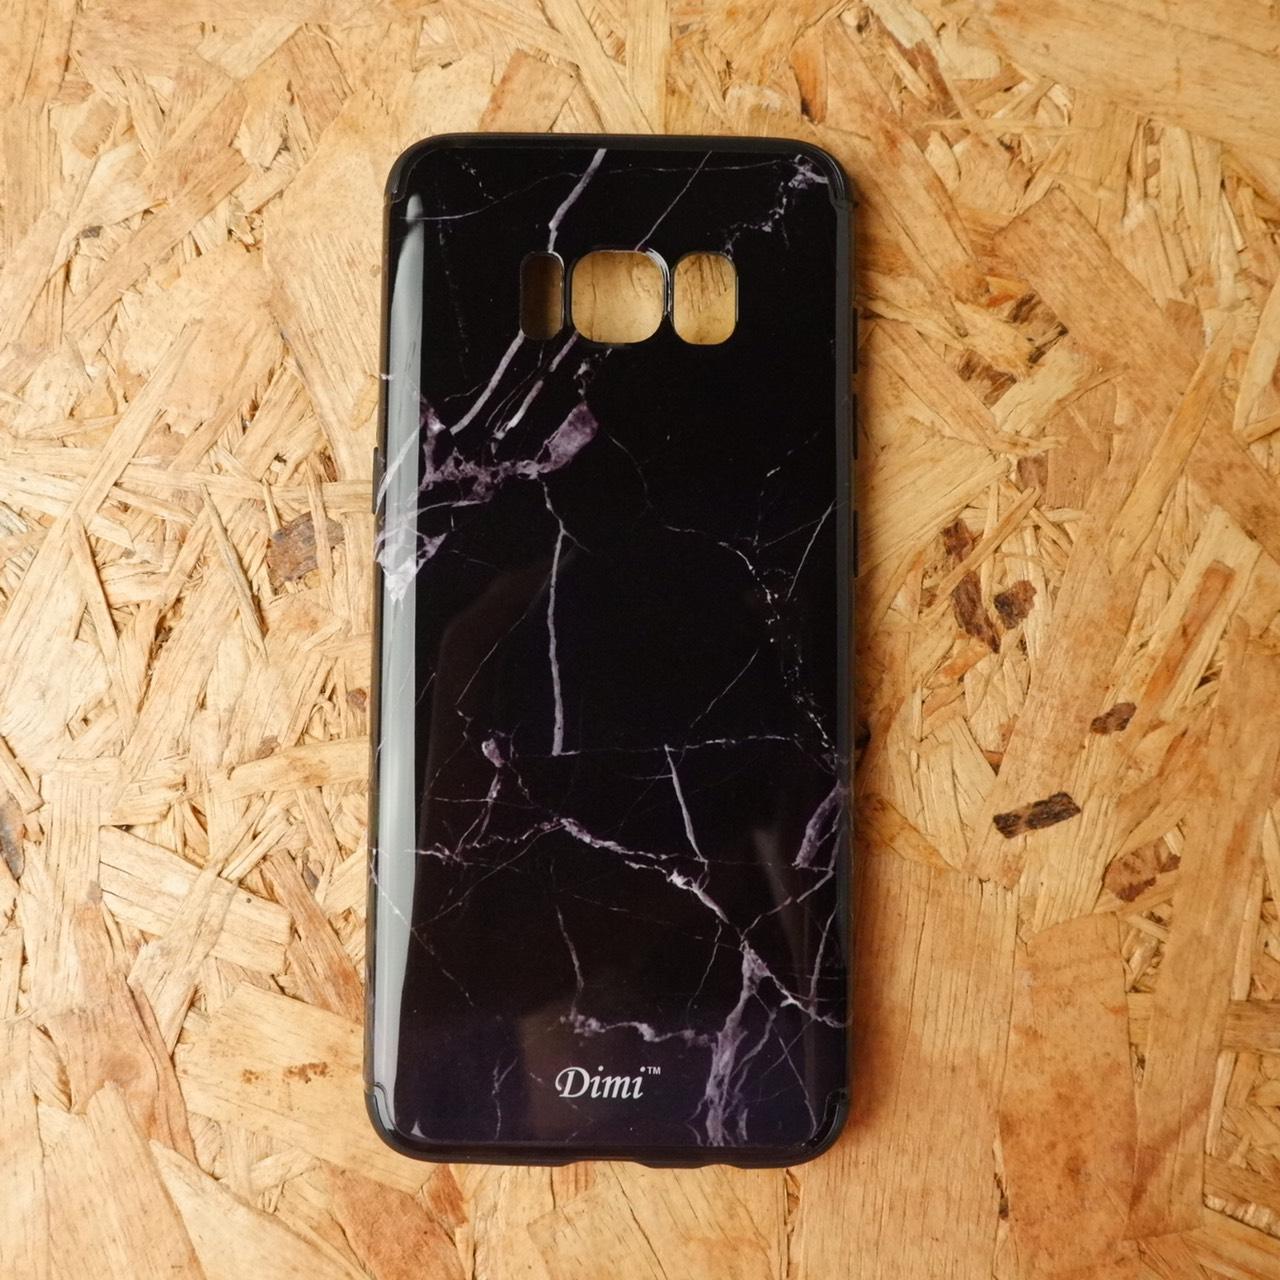 Dimi ลายหินอ่อนดำ S8